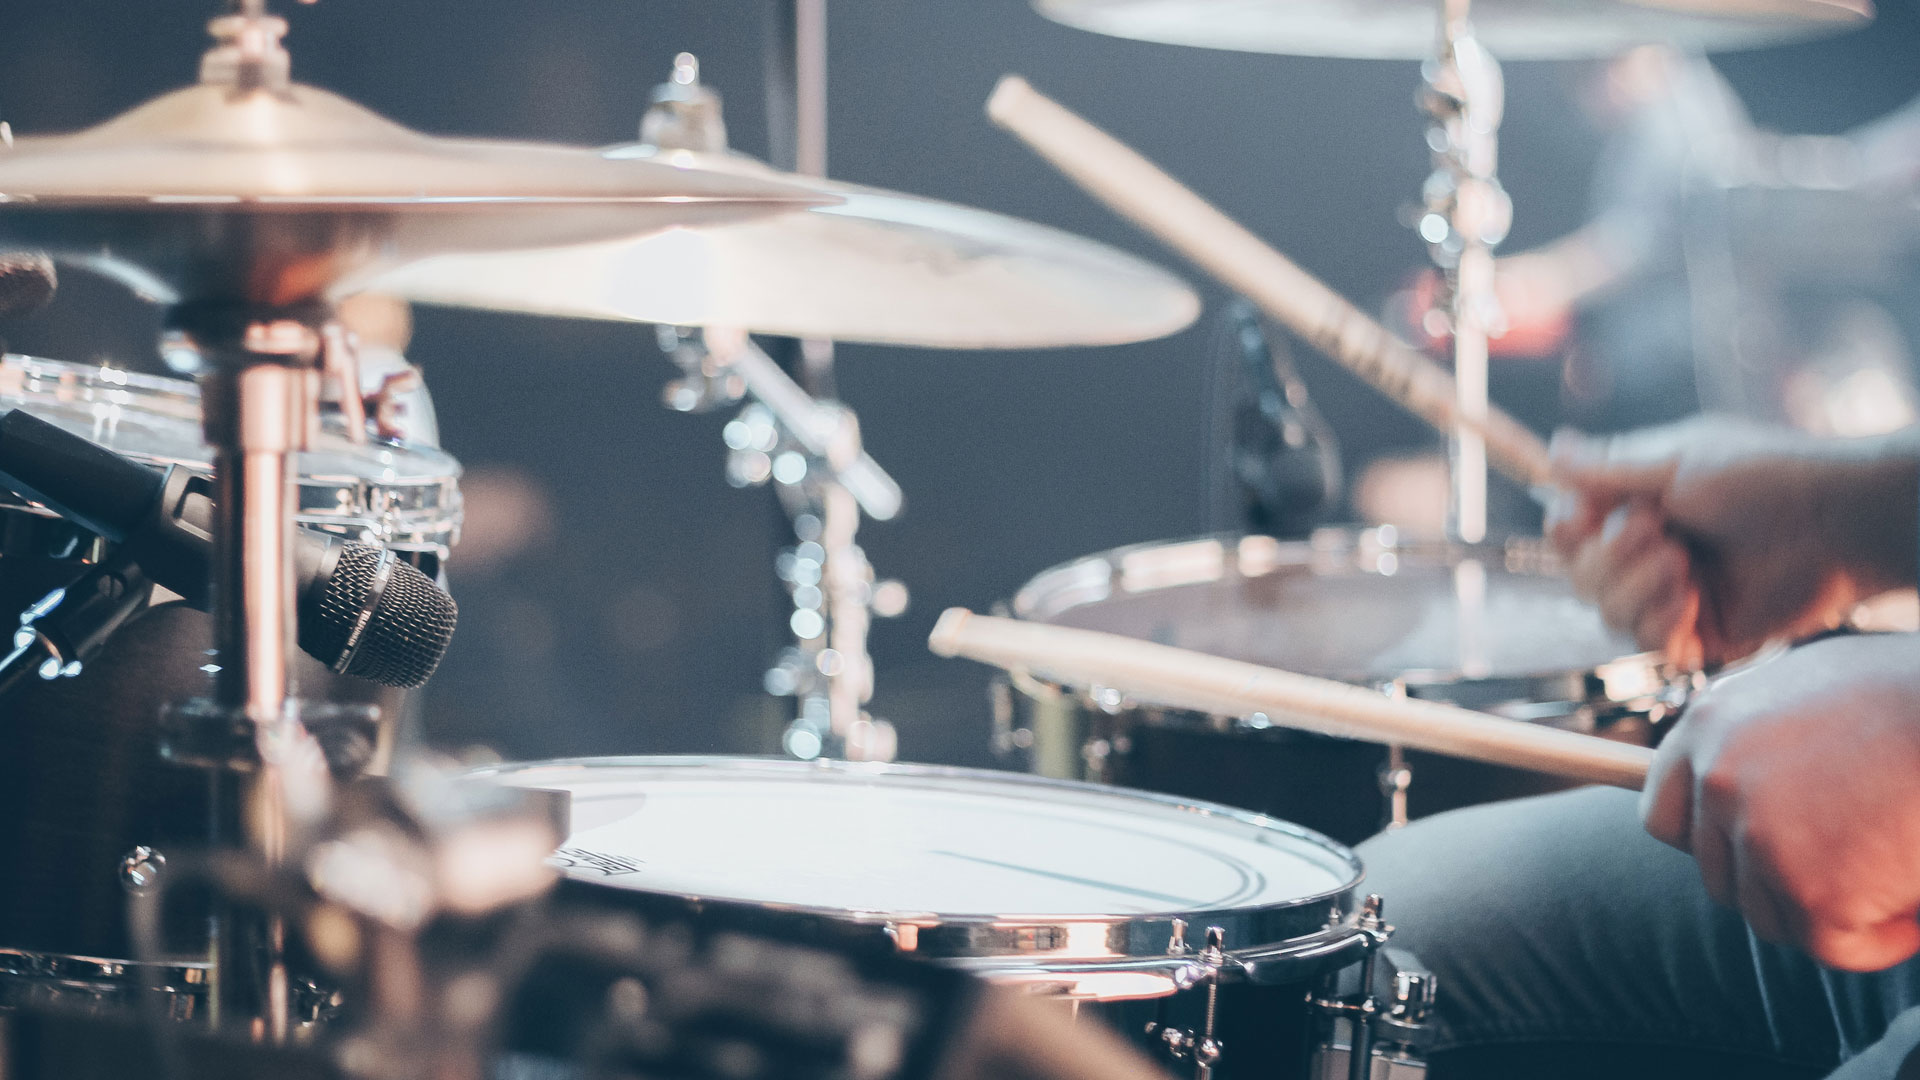 Otoprotettori su Misura per musicisti deejay musica